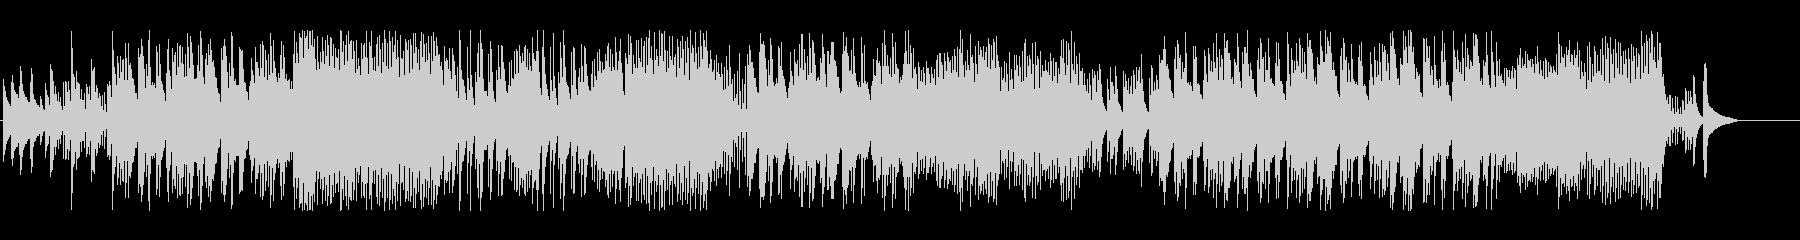 ゆったり艶やか和風曲 ピアノ・ソロverの未再生の波形